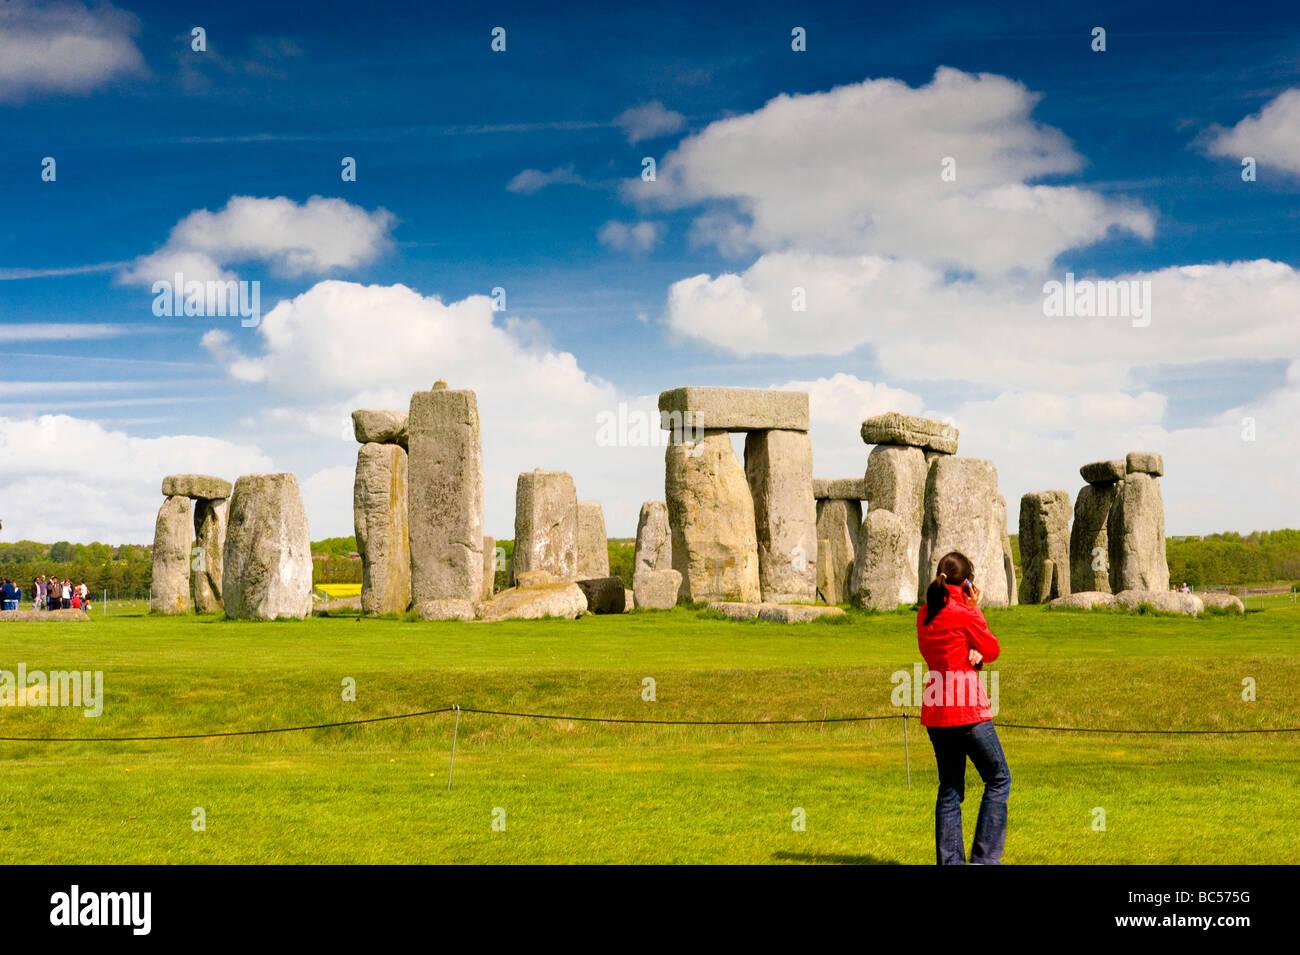 L antico monumento di Stonehenge Wiltshire, Inghilterra REGNO UNITO Immagini Stock